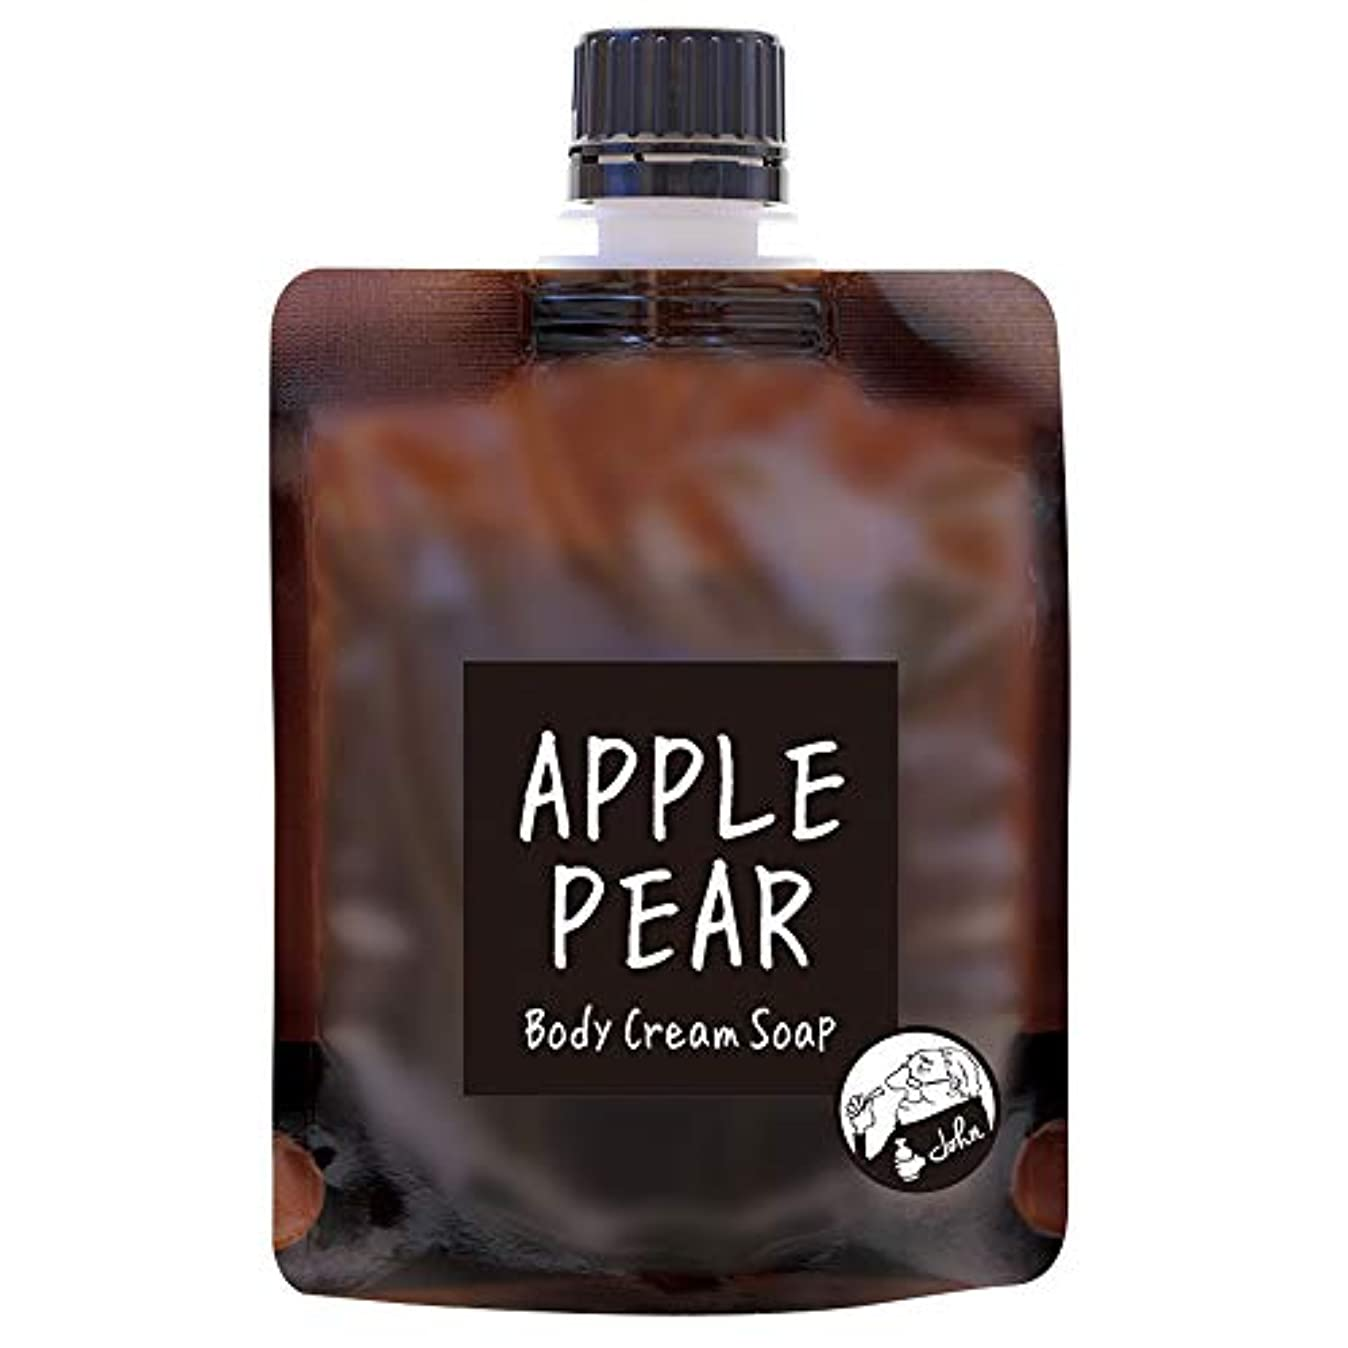 中央値折娘ノルコーポレーション John's Blend ボディクリームソープ 保湿成分配合 OA-JON-19-4 ボディソープ アップルペアーの香り 100g